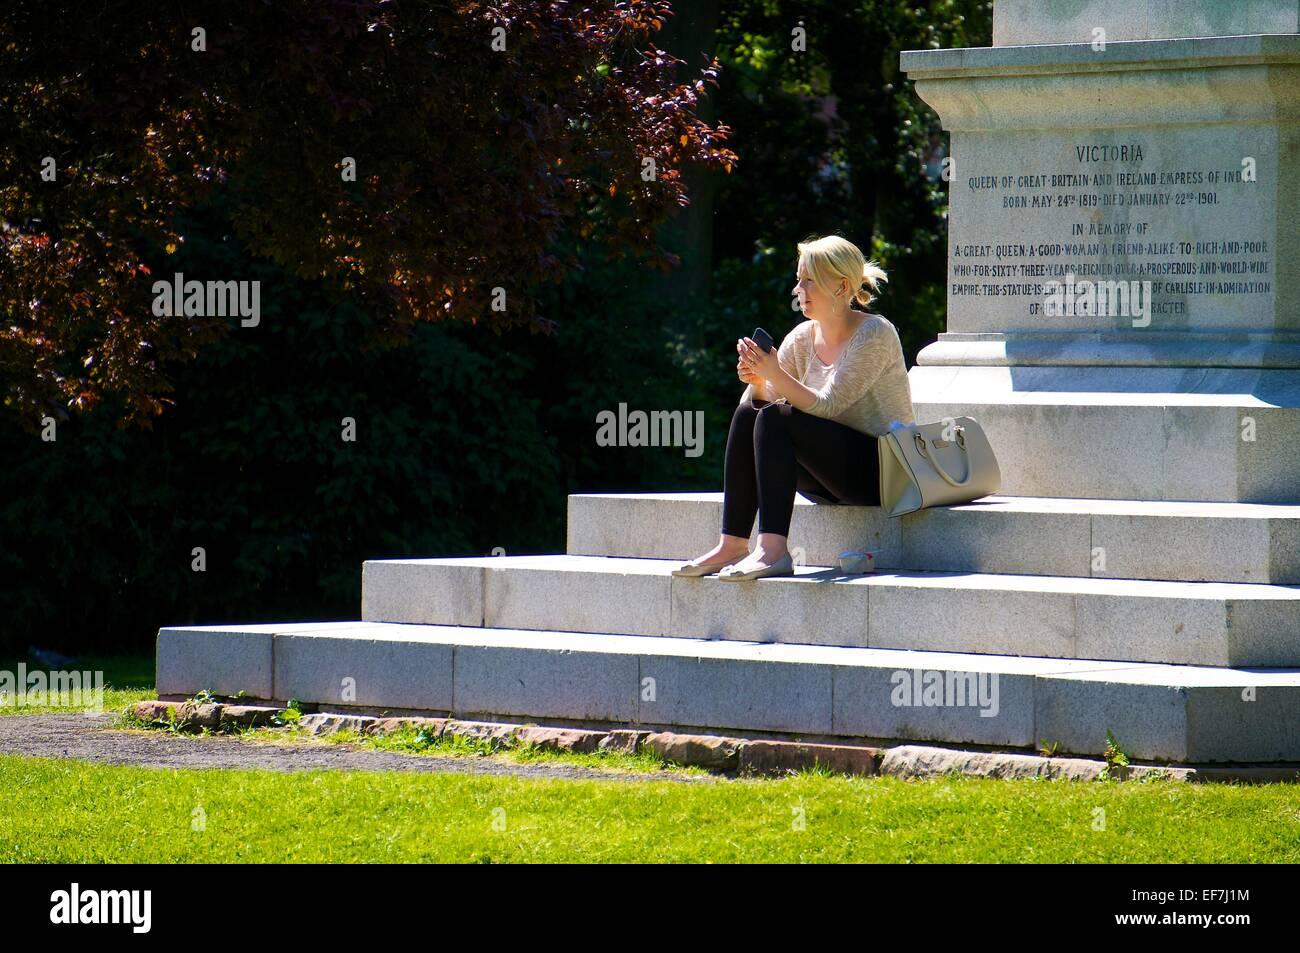 Frau hören ihre Musik auf einem Smartphone während der Standortwahl auf den Stufen eines Denkmals. Stockbild